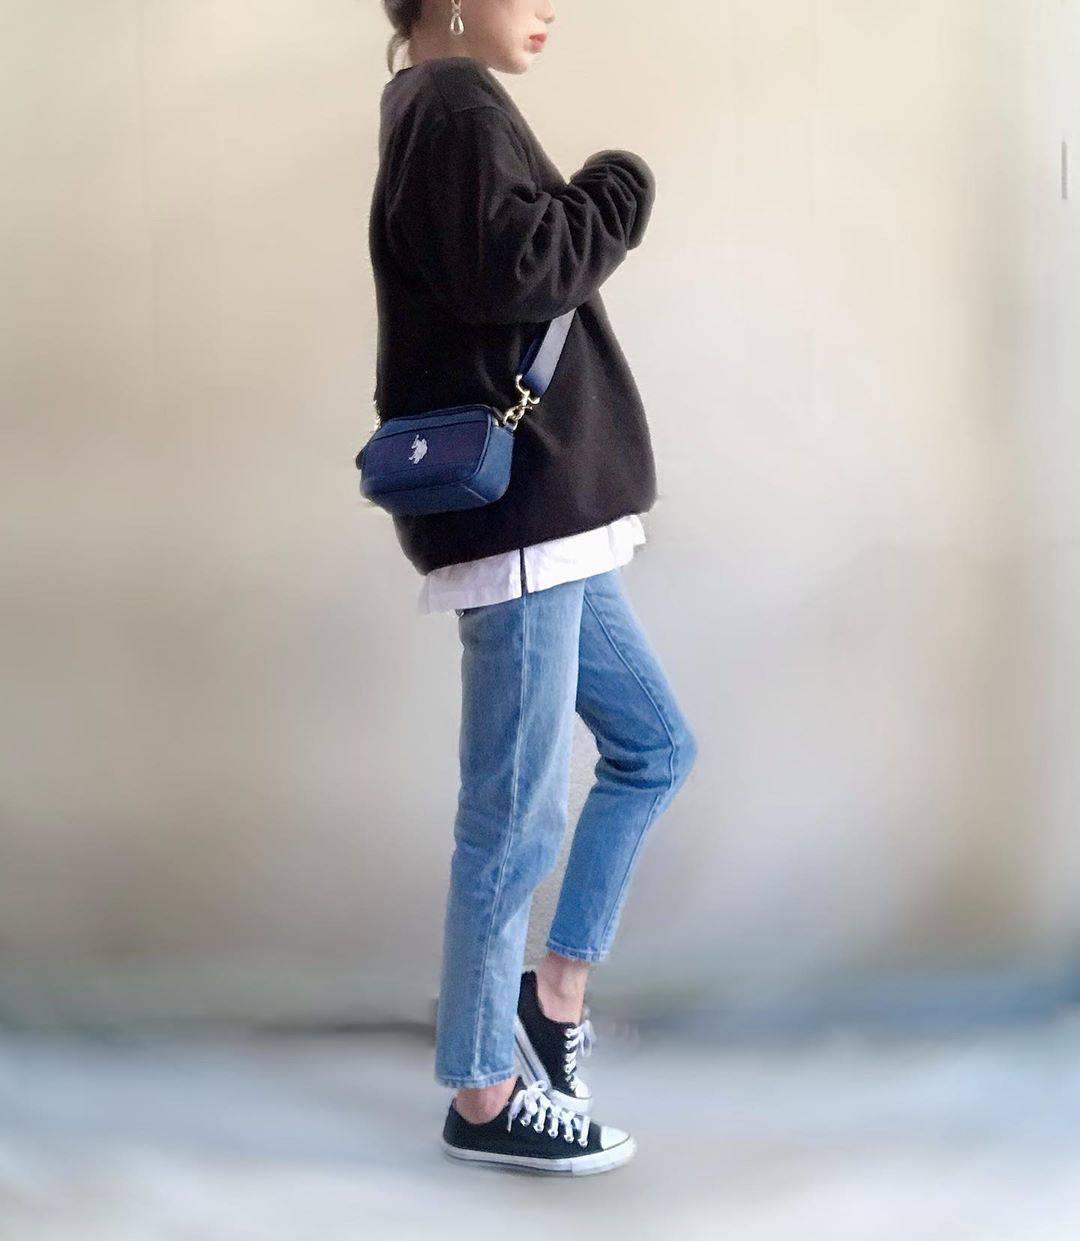 最高気温7度・最低気温0度 unange103の服装